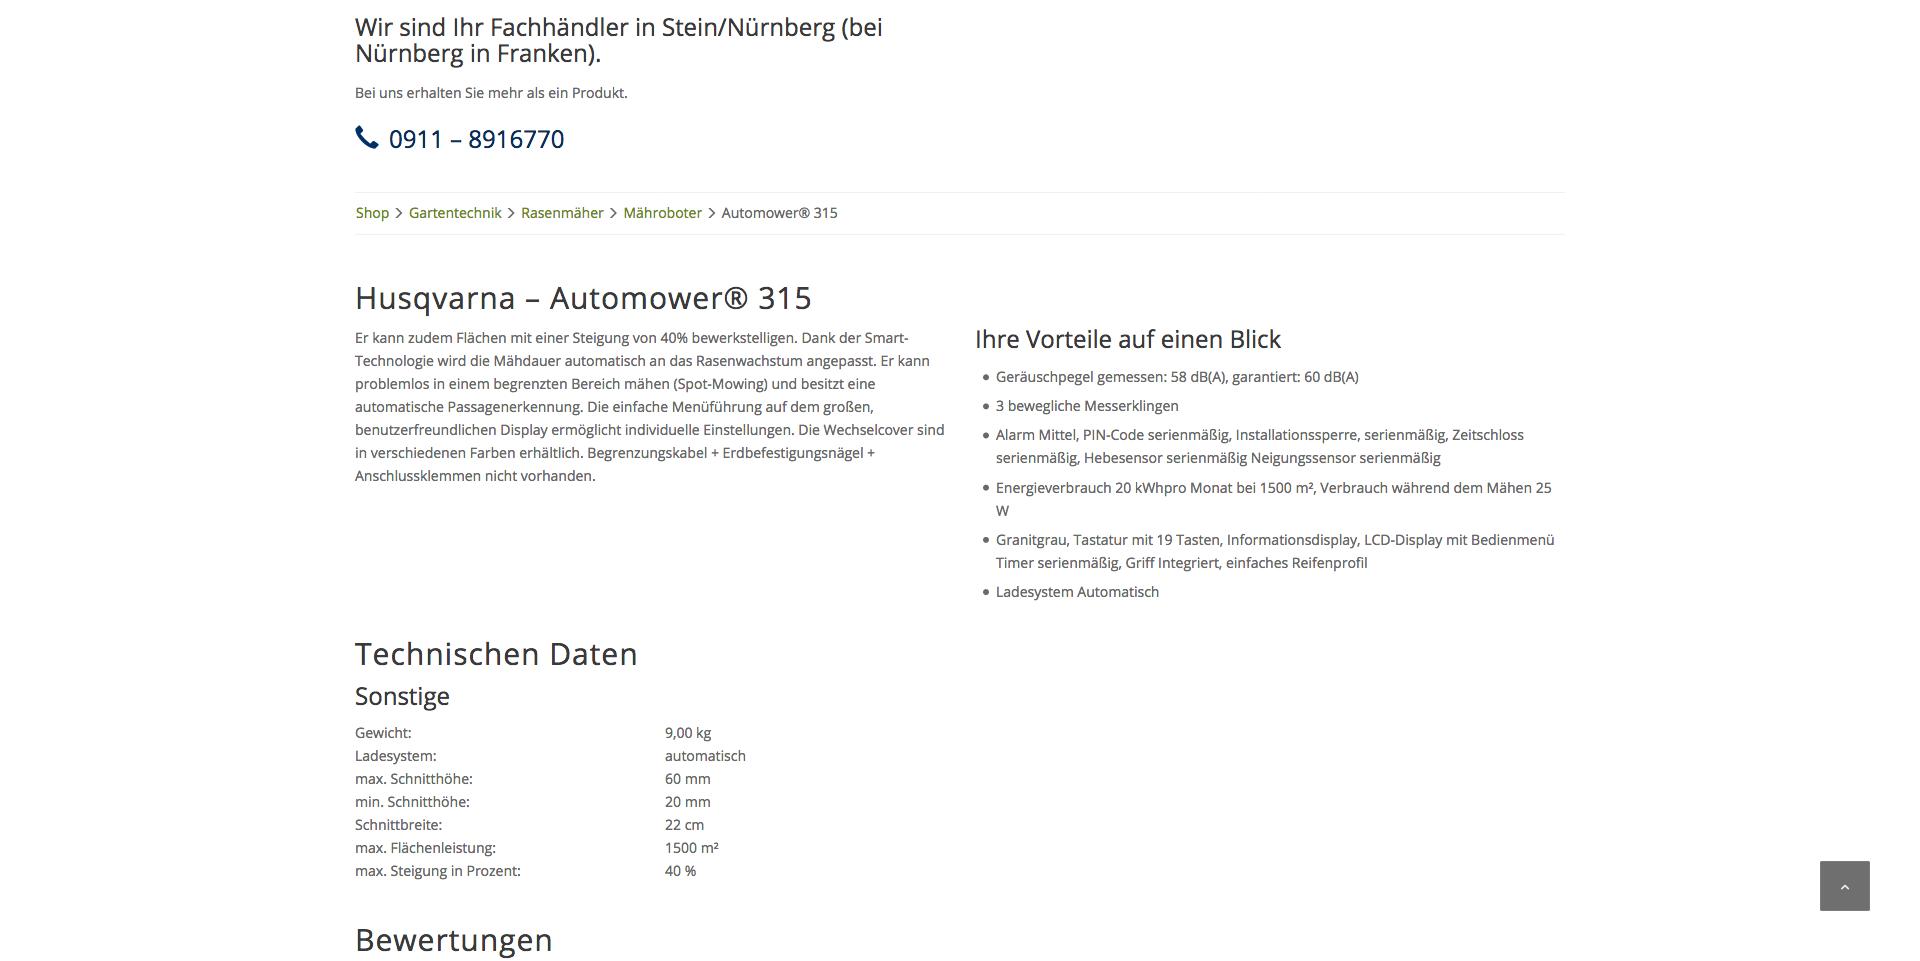 Produktdetailseiten: Technische Infos werden selbstverständlich auf der Produktdetailseite abgebildet.